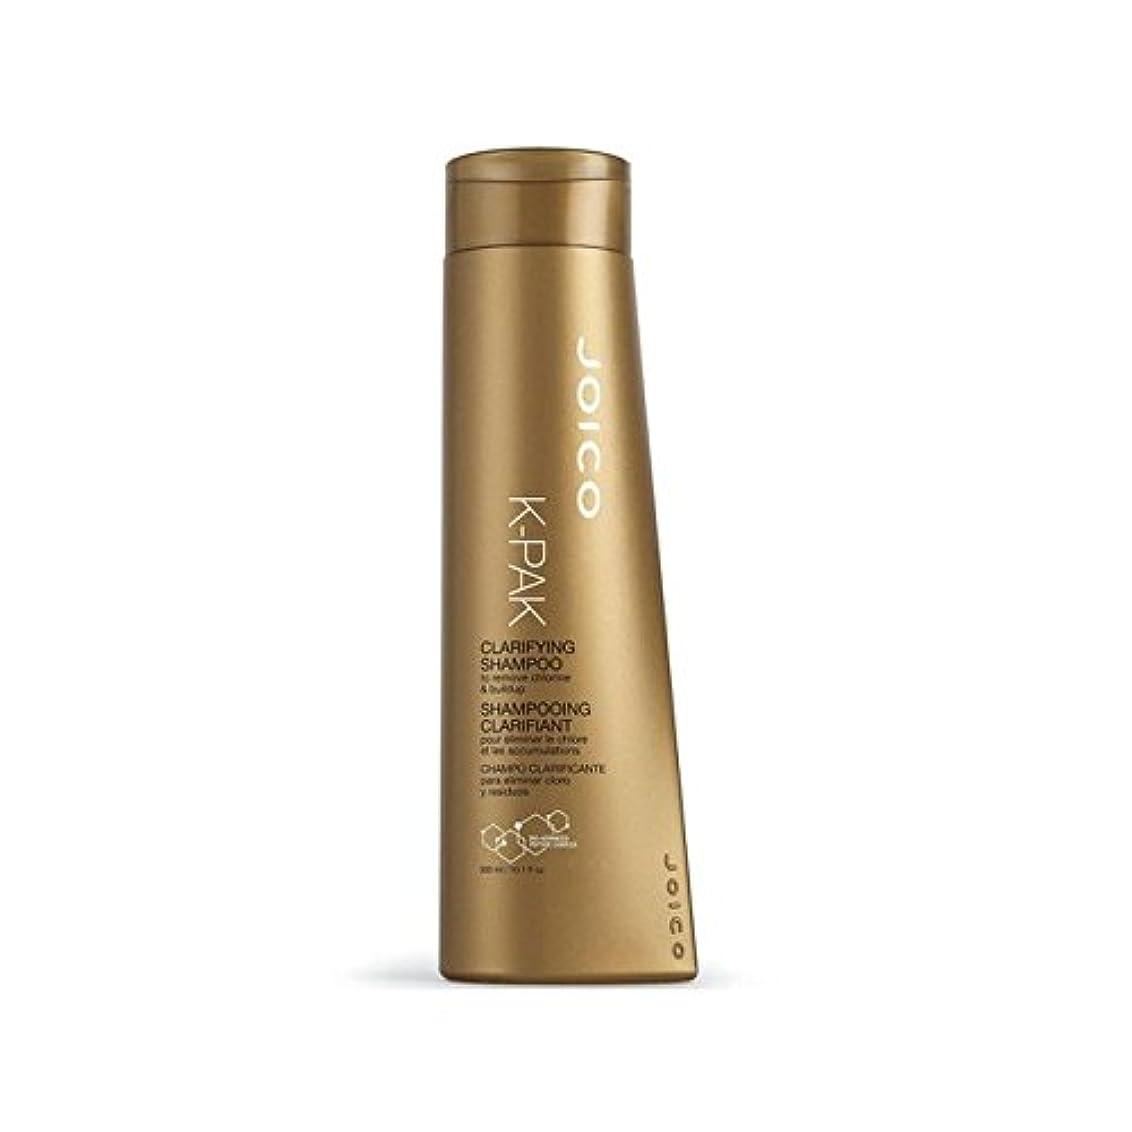 不一致松の木疑いジョイコ-明確シャンプー(300ミリリットル) x2 - Joico K-Pak Clarifying Shampoo (300ml) (Pack of 2) [並行輸入品]